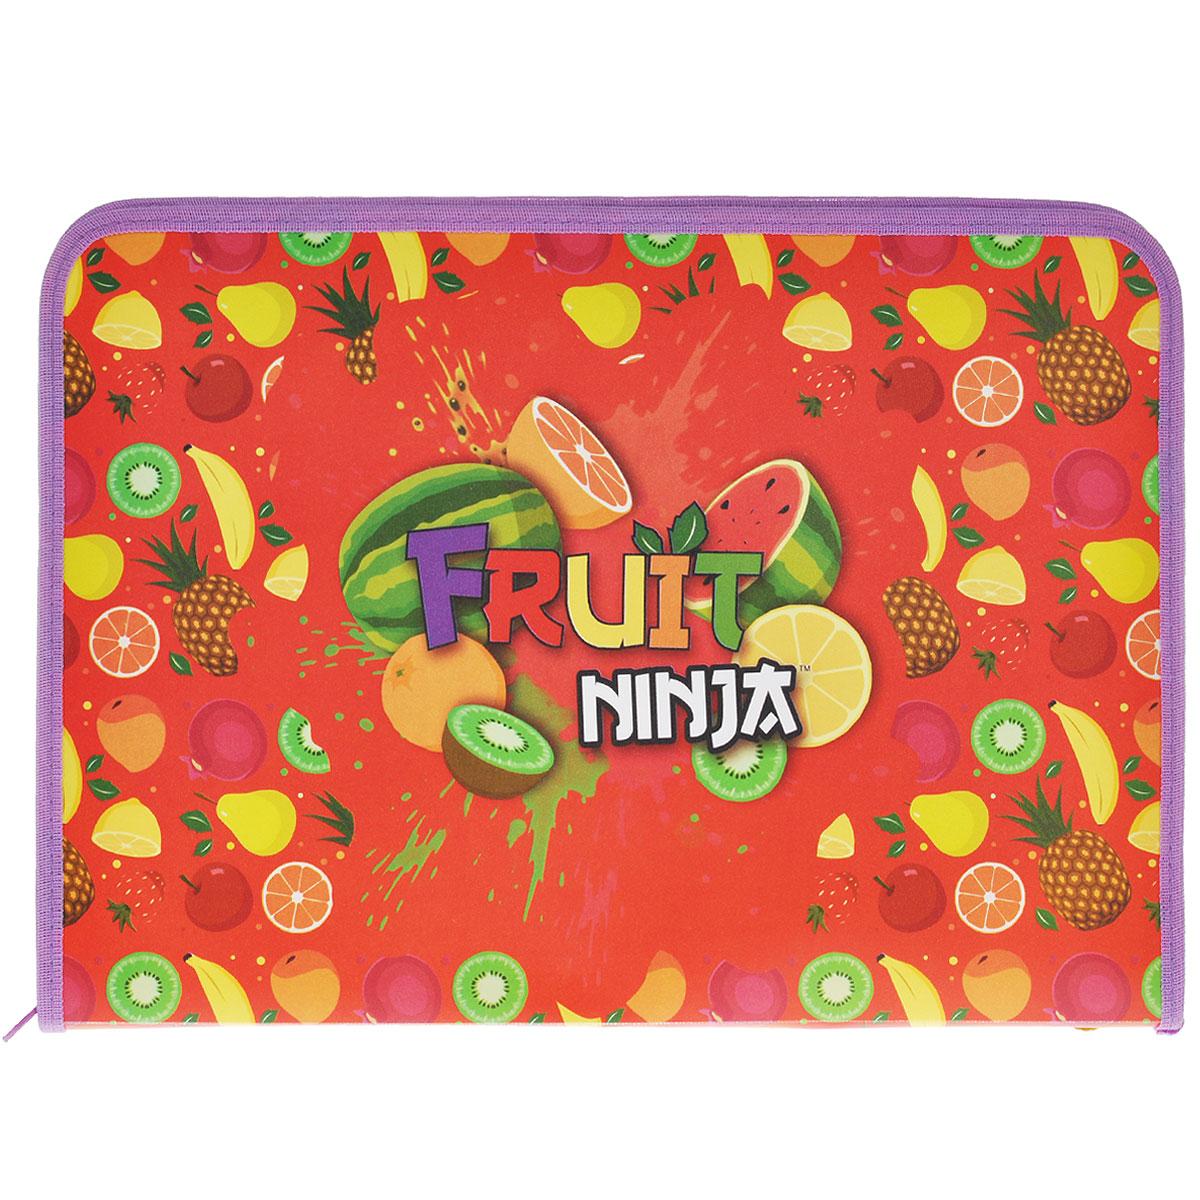 Папка для труда Action! Fruit Ninja, цвет: красный, сиреневыйFN-FZA4-LПапка для труда Action! Fruit Ninja предназначена для хранения тетрадей, рисунков и прочих бумаг, а также ручек, карандашей, ластиков и точилок. Папка оформлена изображениями фруктов и надписью Fruit Ninja. Внутри находится одно большое отделение с вкладышем, содержащим 11 фиксаторов для школьных принадлежностей. Закрывается папка на застежку-молнию.Яркая и удобная, такая папка непременно понравится вашему ребенку.